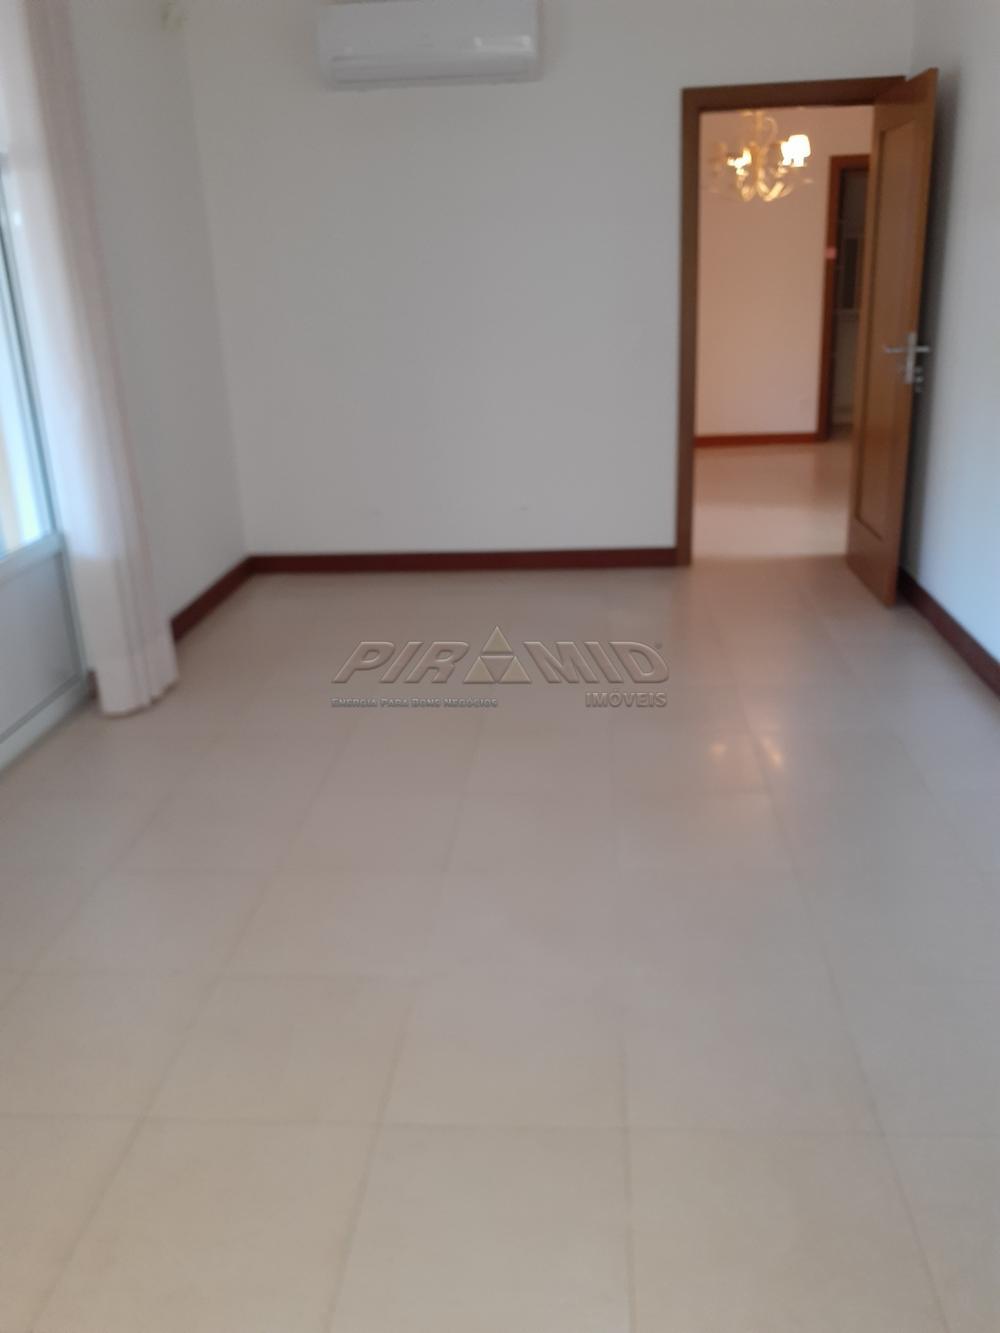 Comprar Casa / Condomínio em Ribeirão Preto apenas R$ 4.800.000,00 - Foto 11